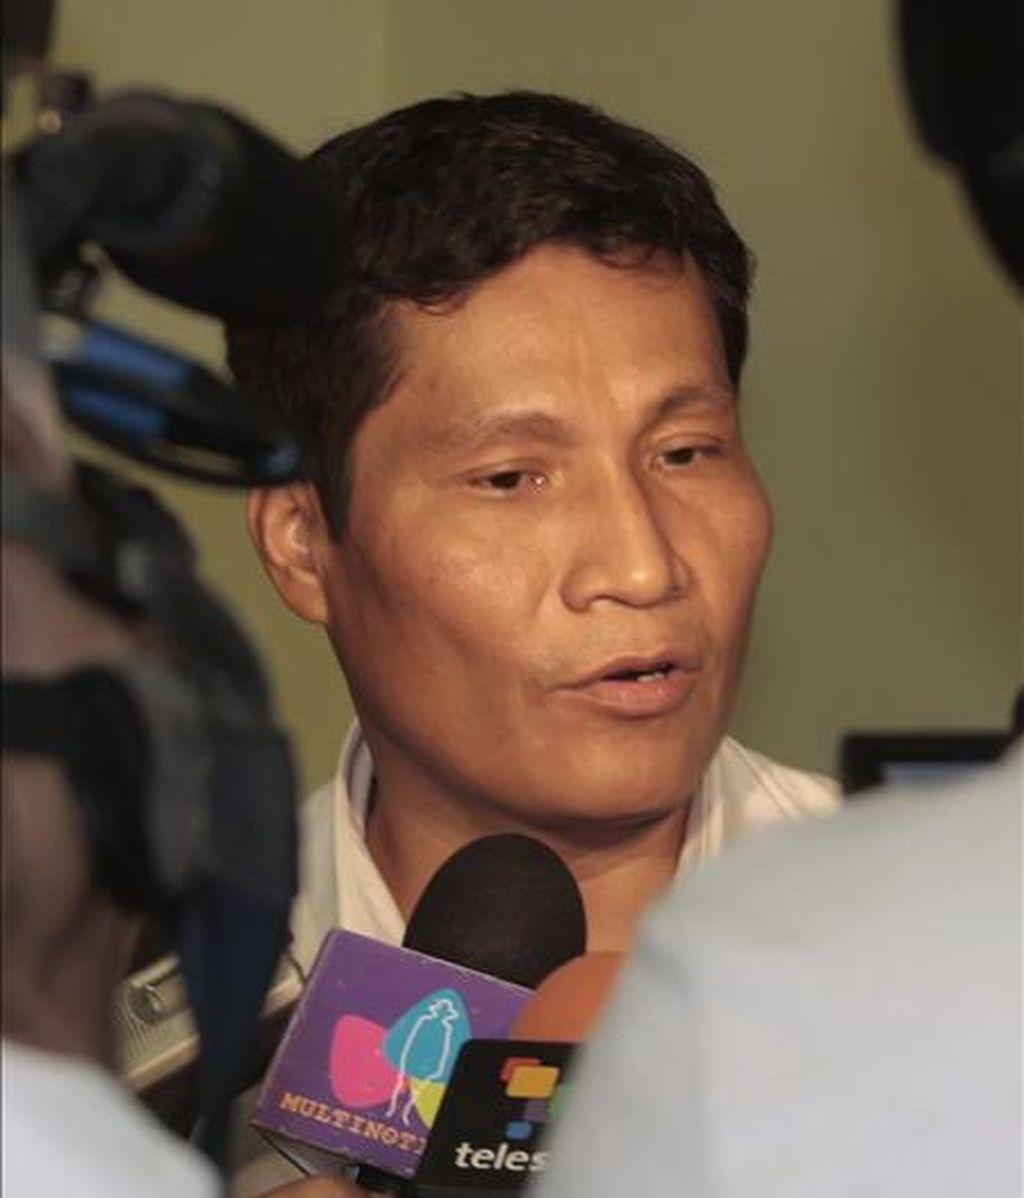 Fotografía cedida en la que aparece el líder indígena peruano Alberto Pizango mientras brinda declaraciones ante algunos medios de comunicación a su llegada al aeropuerto internacional de Managua (Nicaragua). EFE